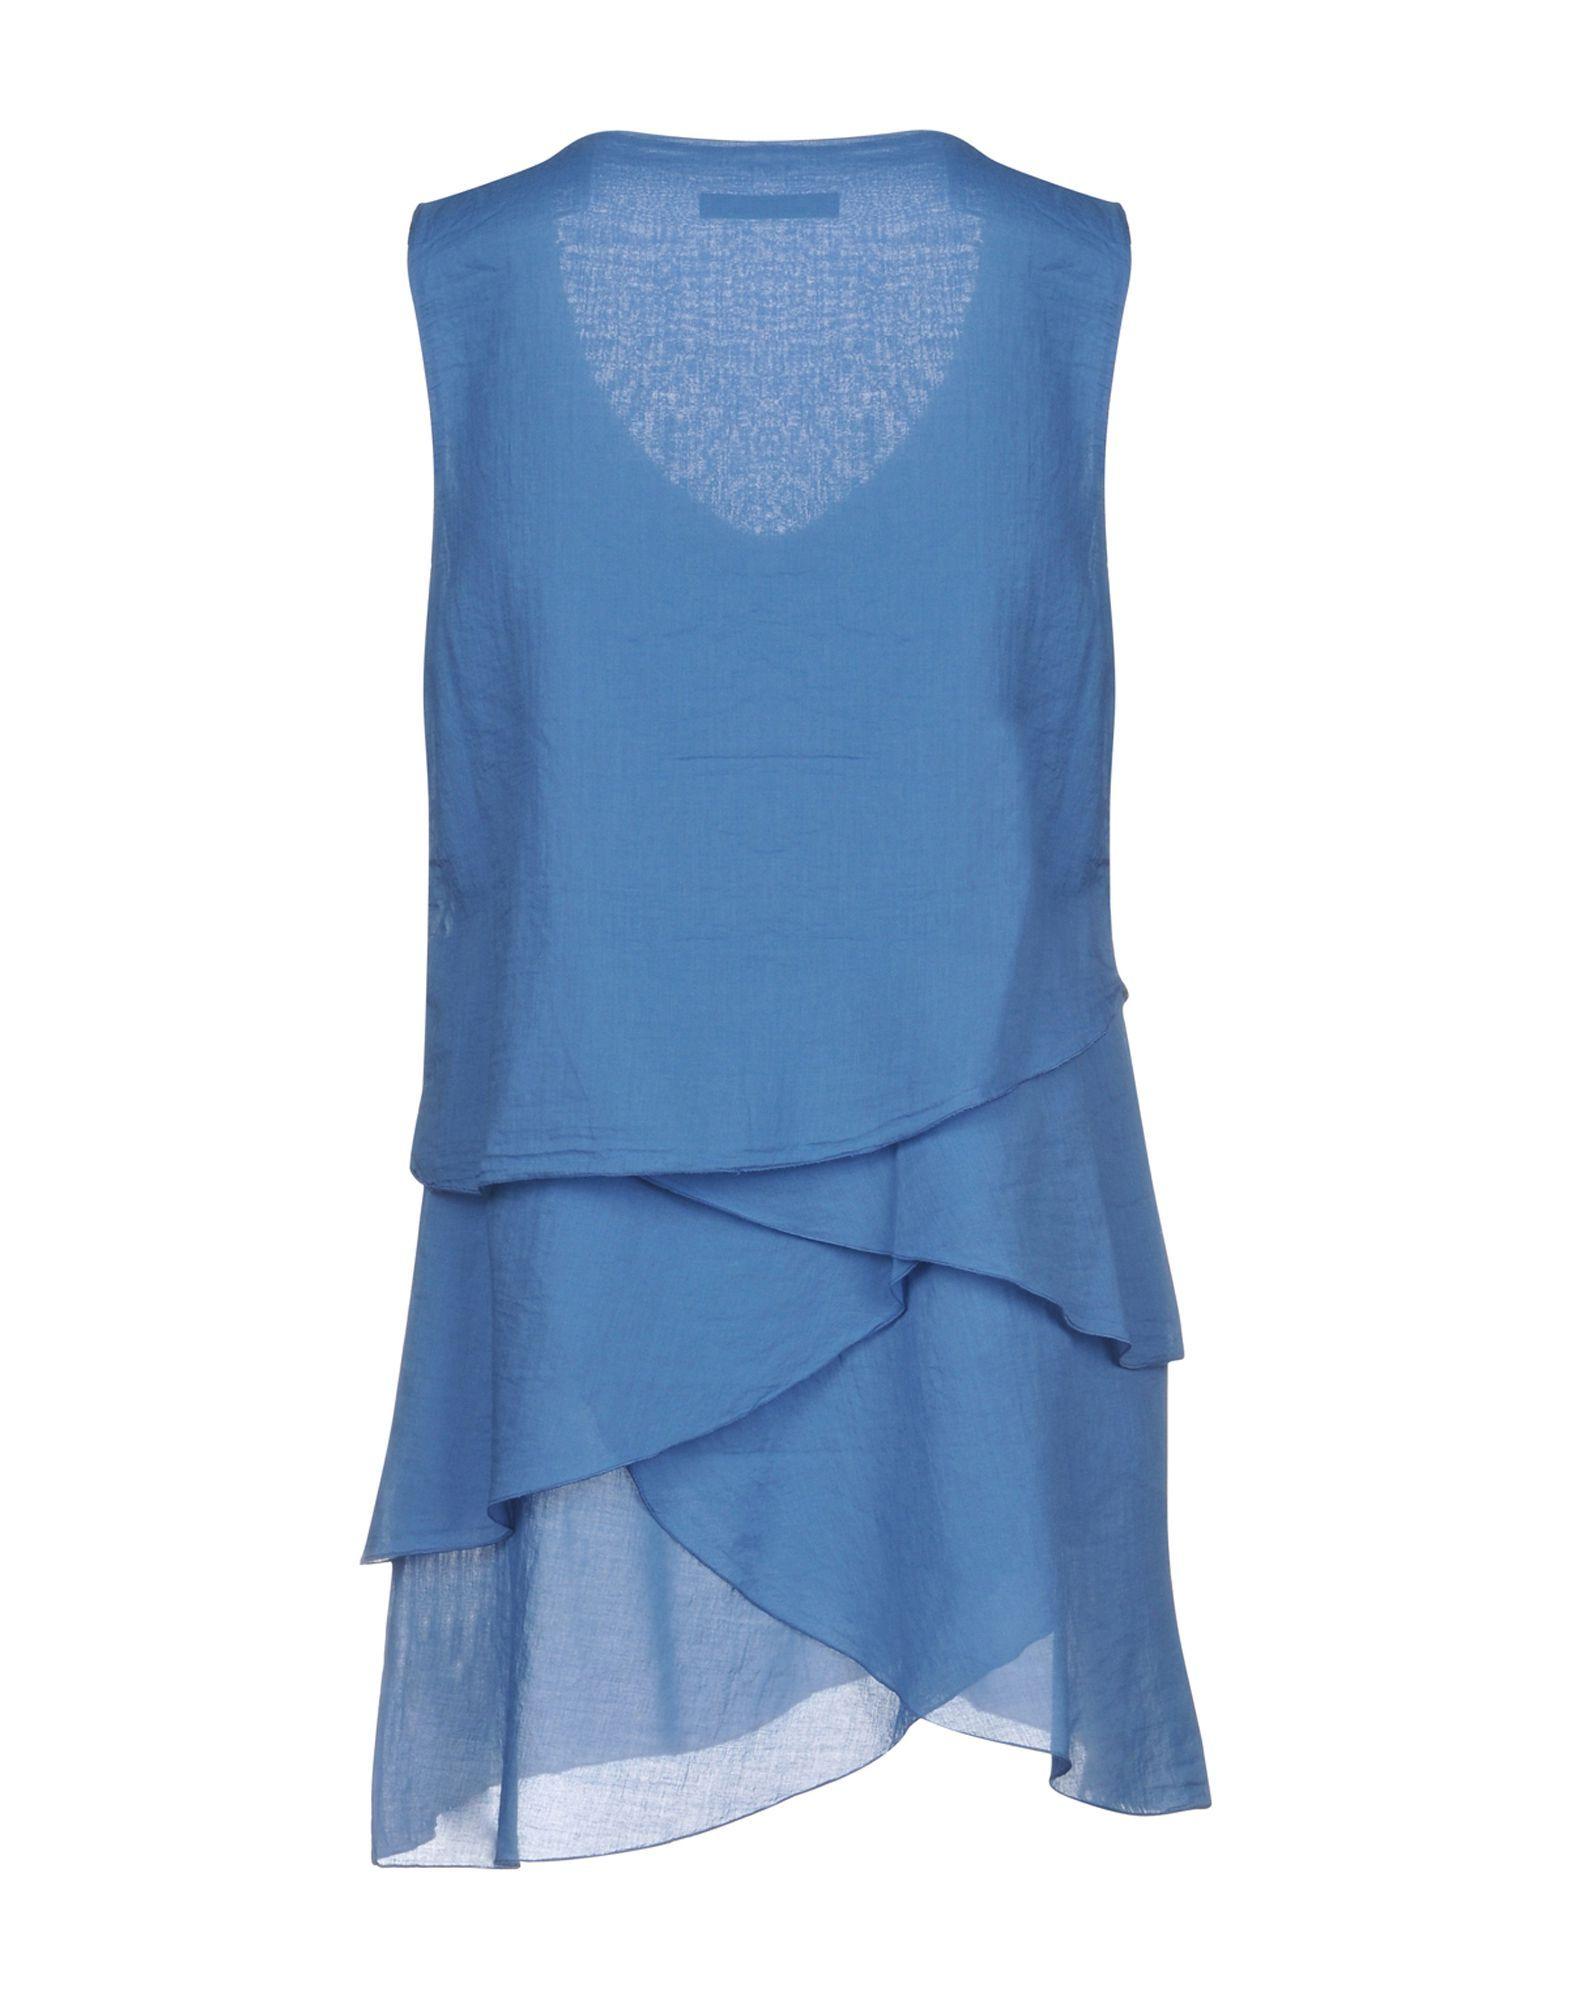 European Culture Pastel Blue Cotton Blouse